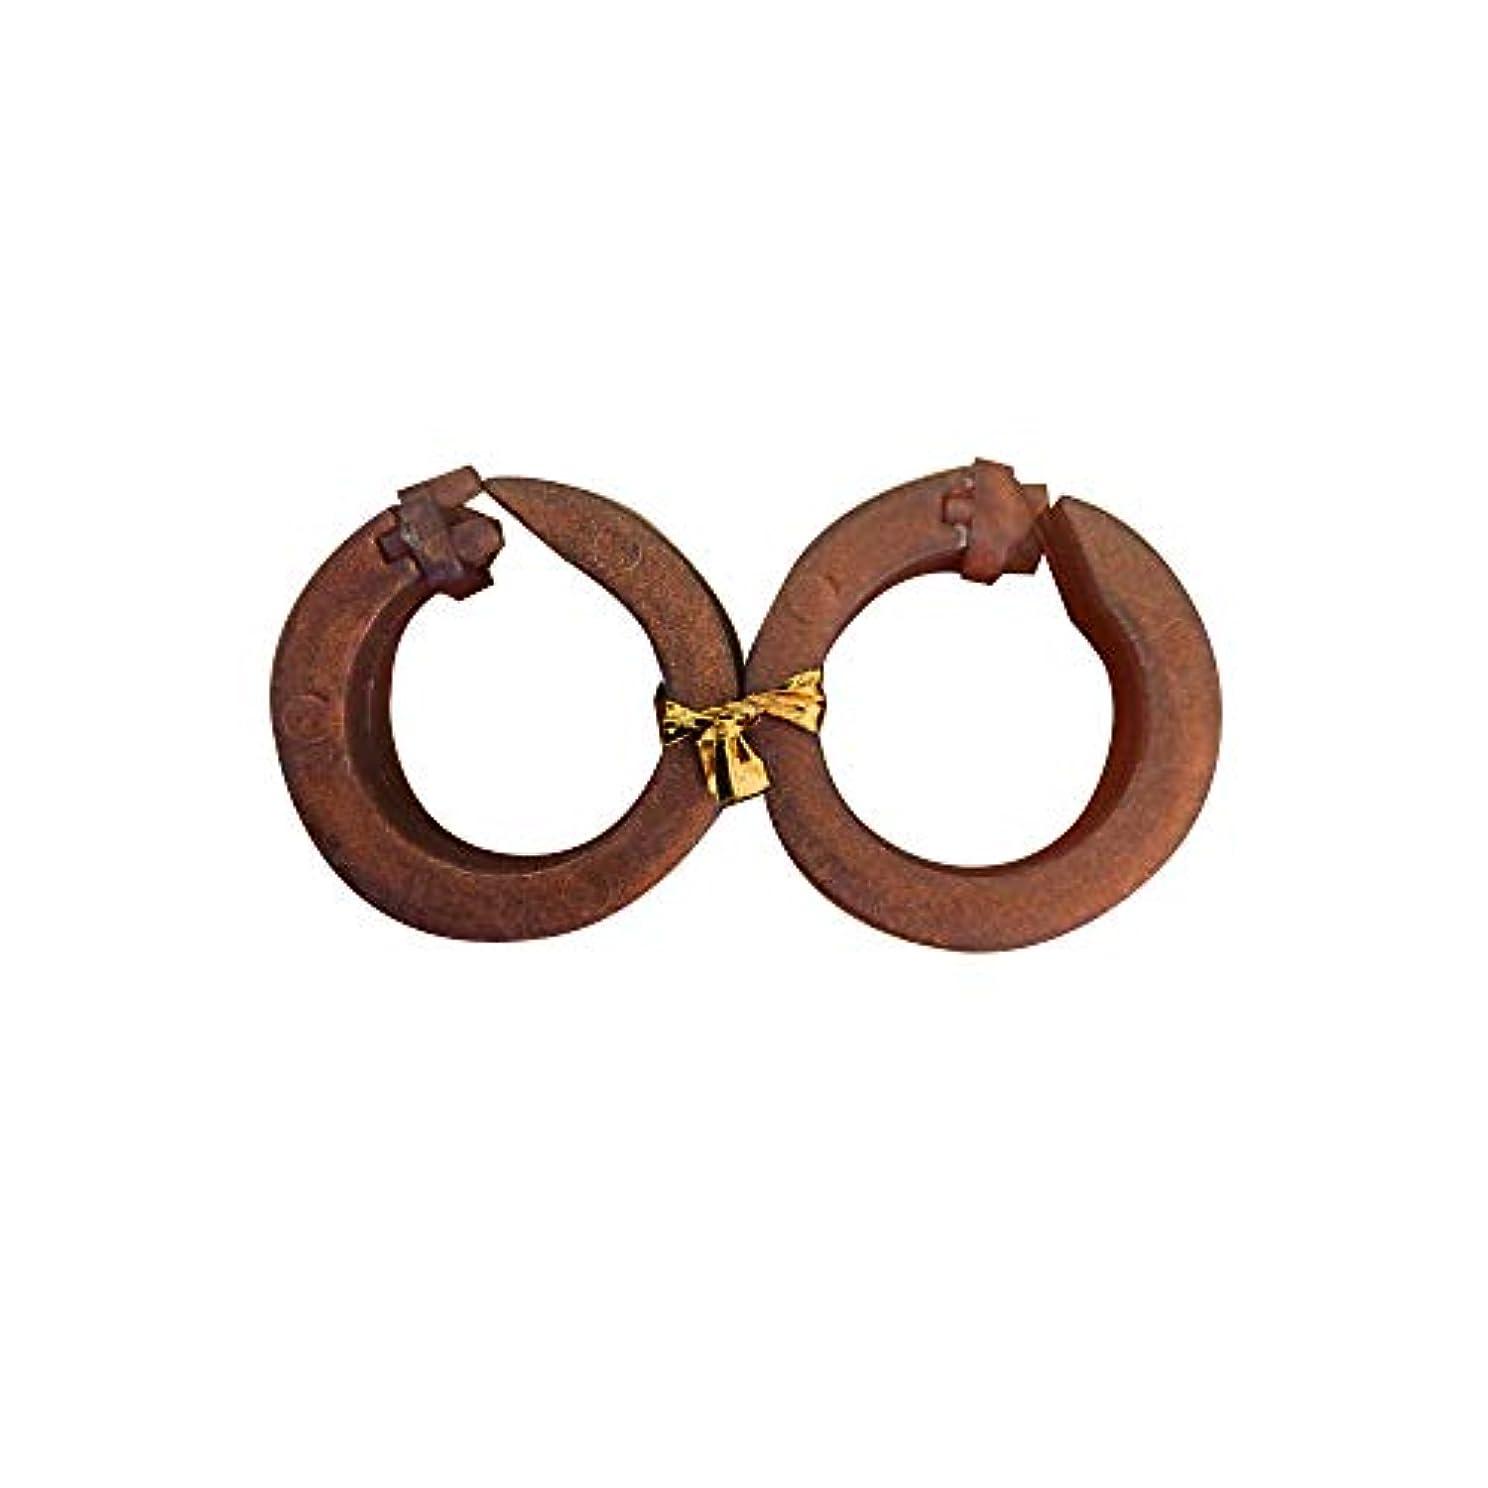 ある動機付ける幾何学サフランフィールド 耳つぼ美人 ゴールドブラウン 耳つぼ ダイエット リング 美容 ダイエット器具